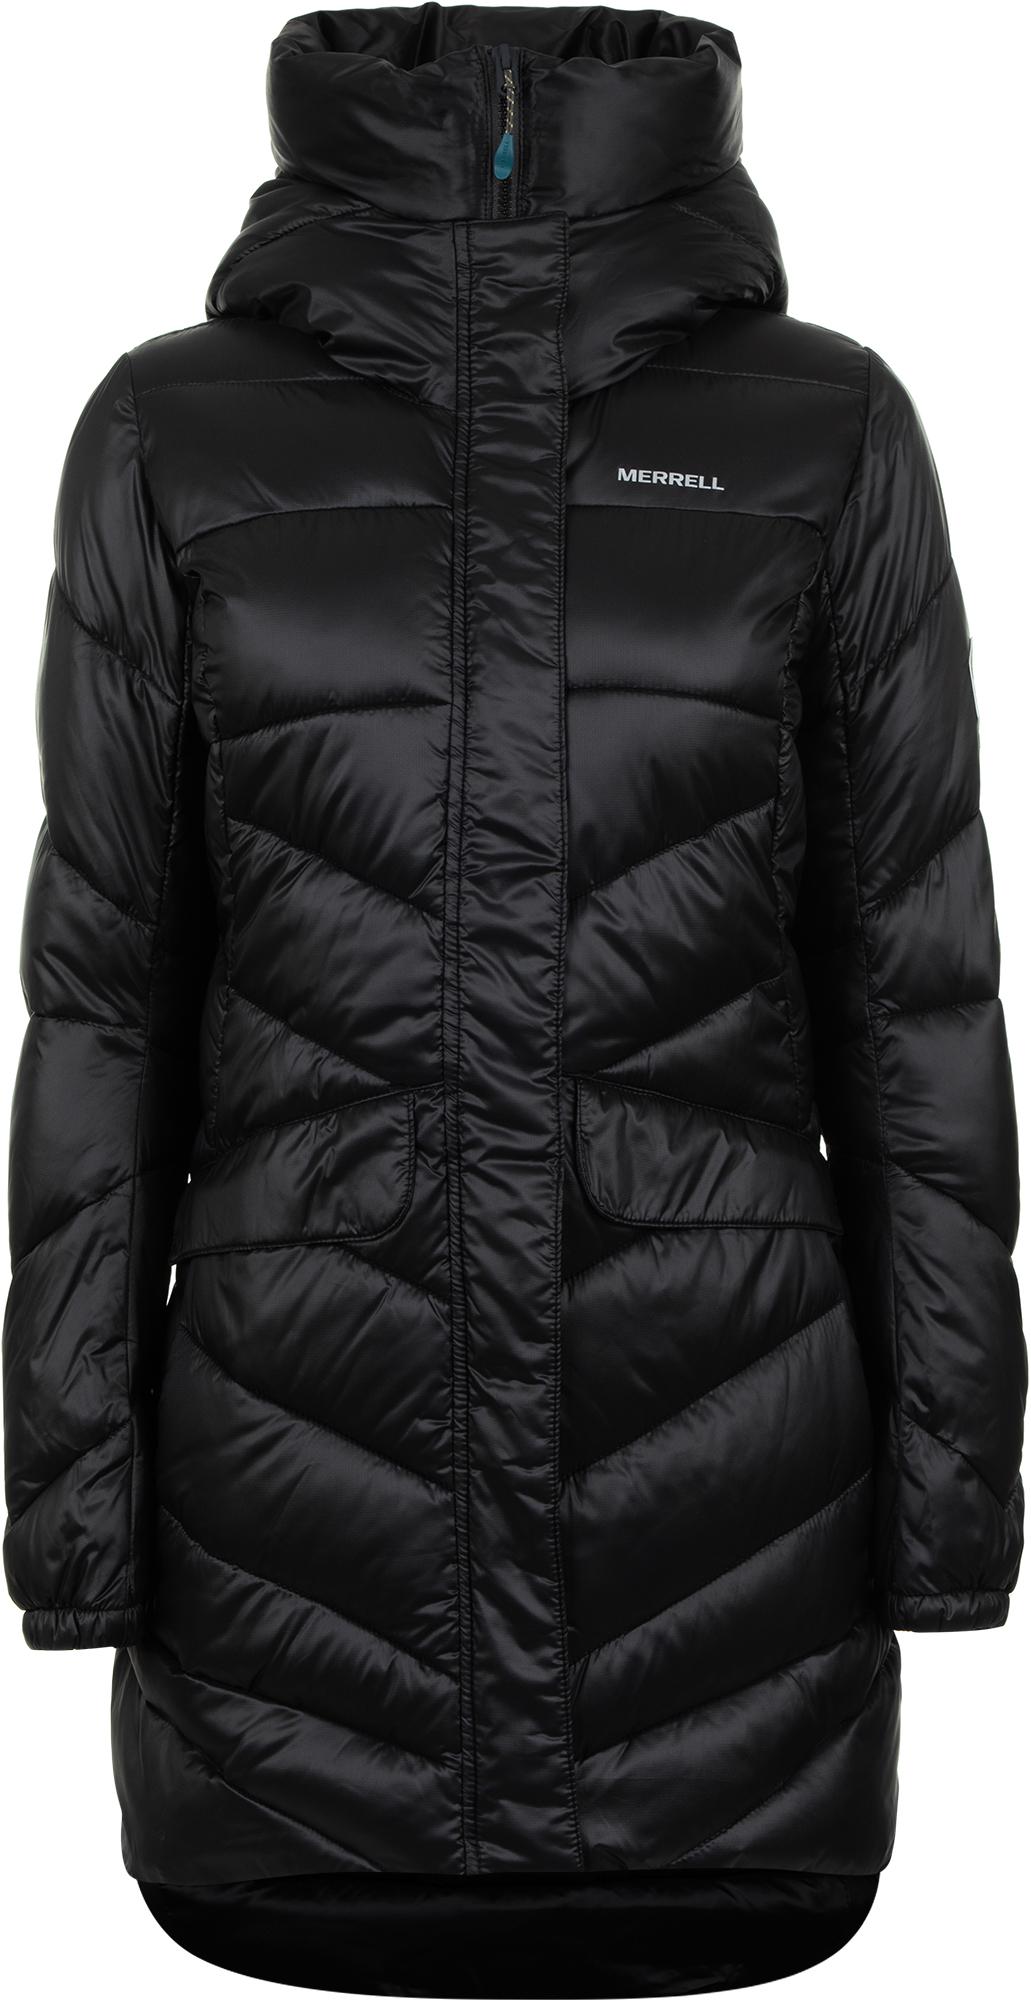 купить Merrell Куртка утепленная женская Merrell, размер 52 по цене 7999 рублей